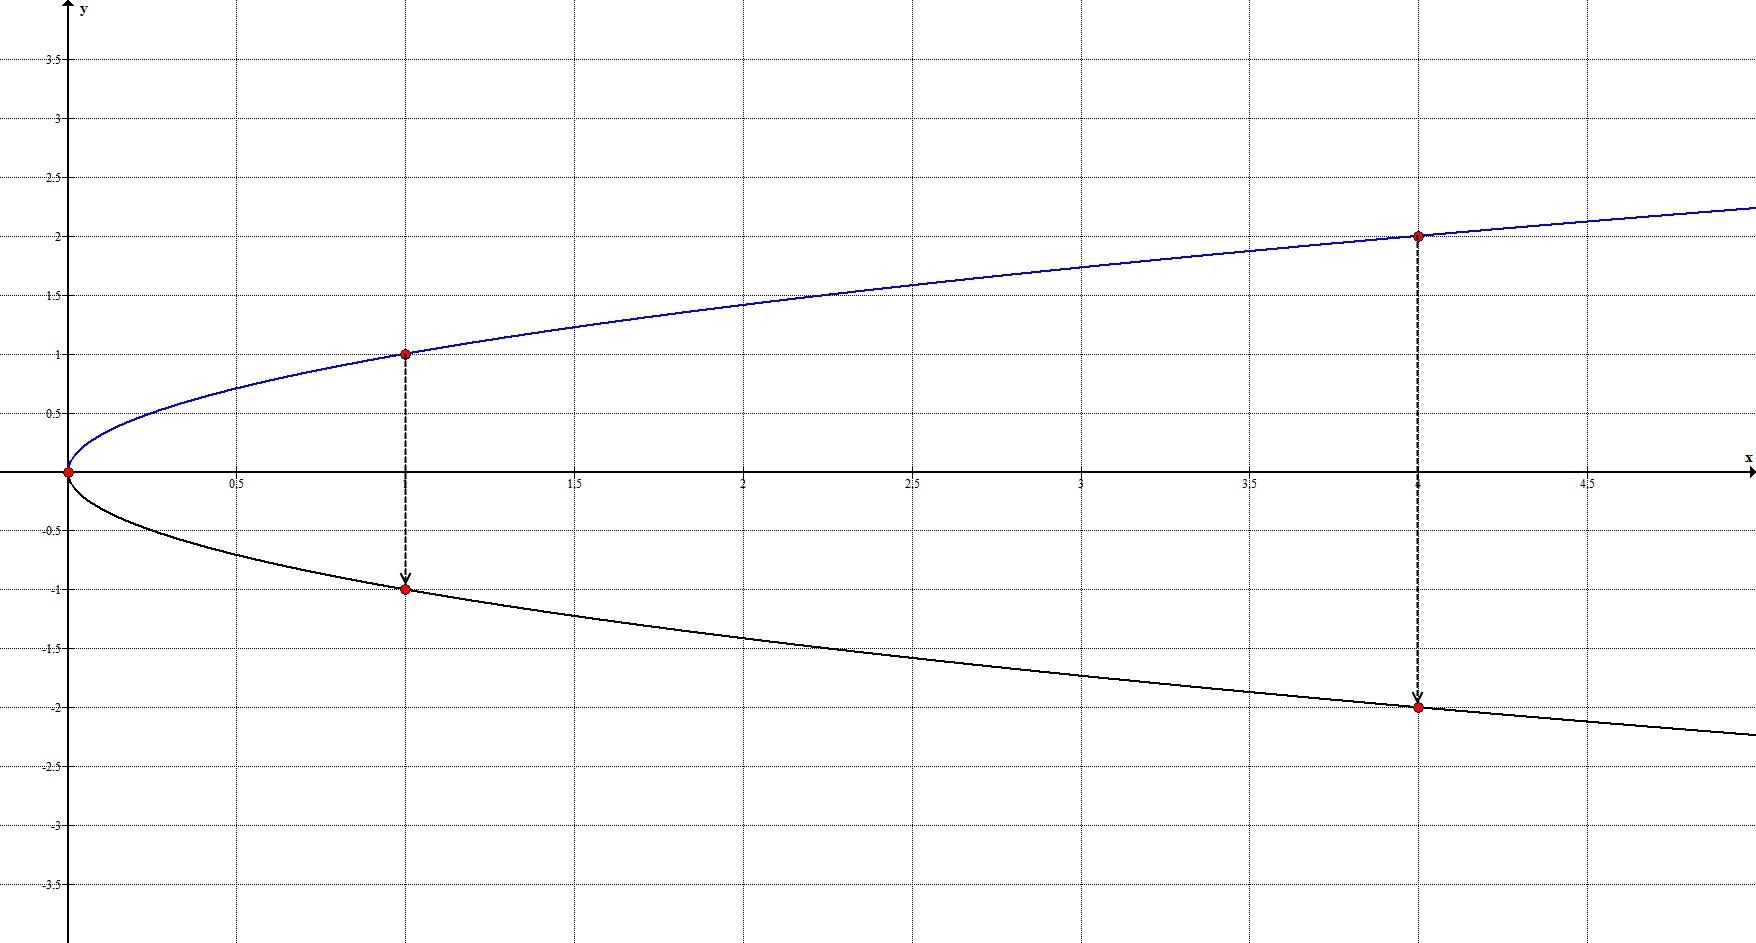 Геометрические преобразования. Отображение относительно Оx.